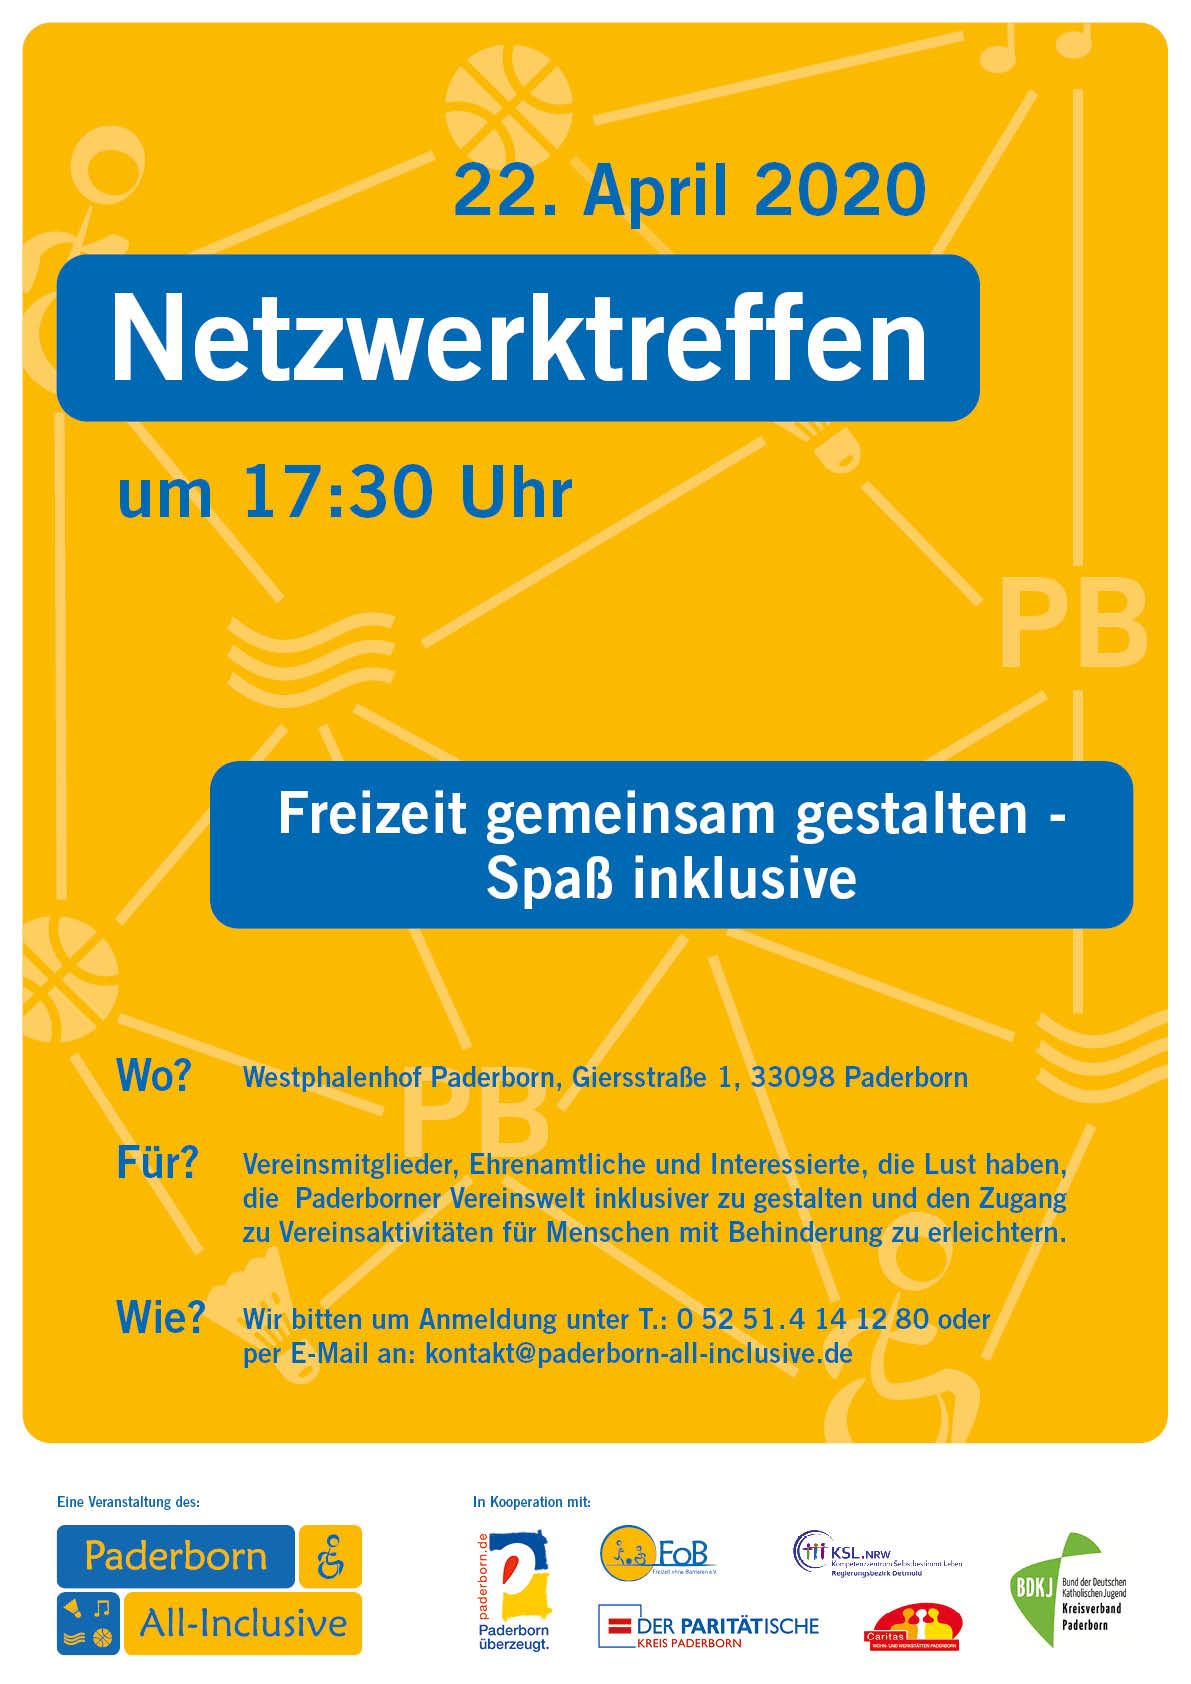 Netzwerktreffen-Paderborn-All-Inclusive